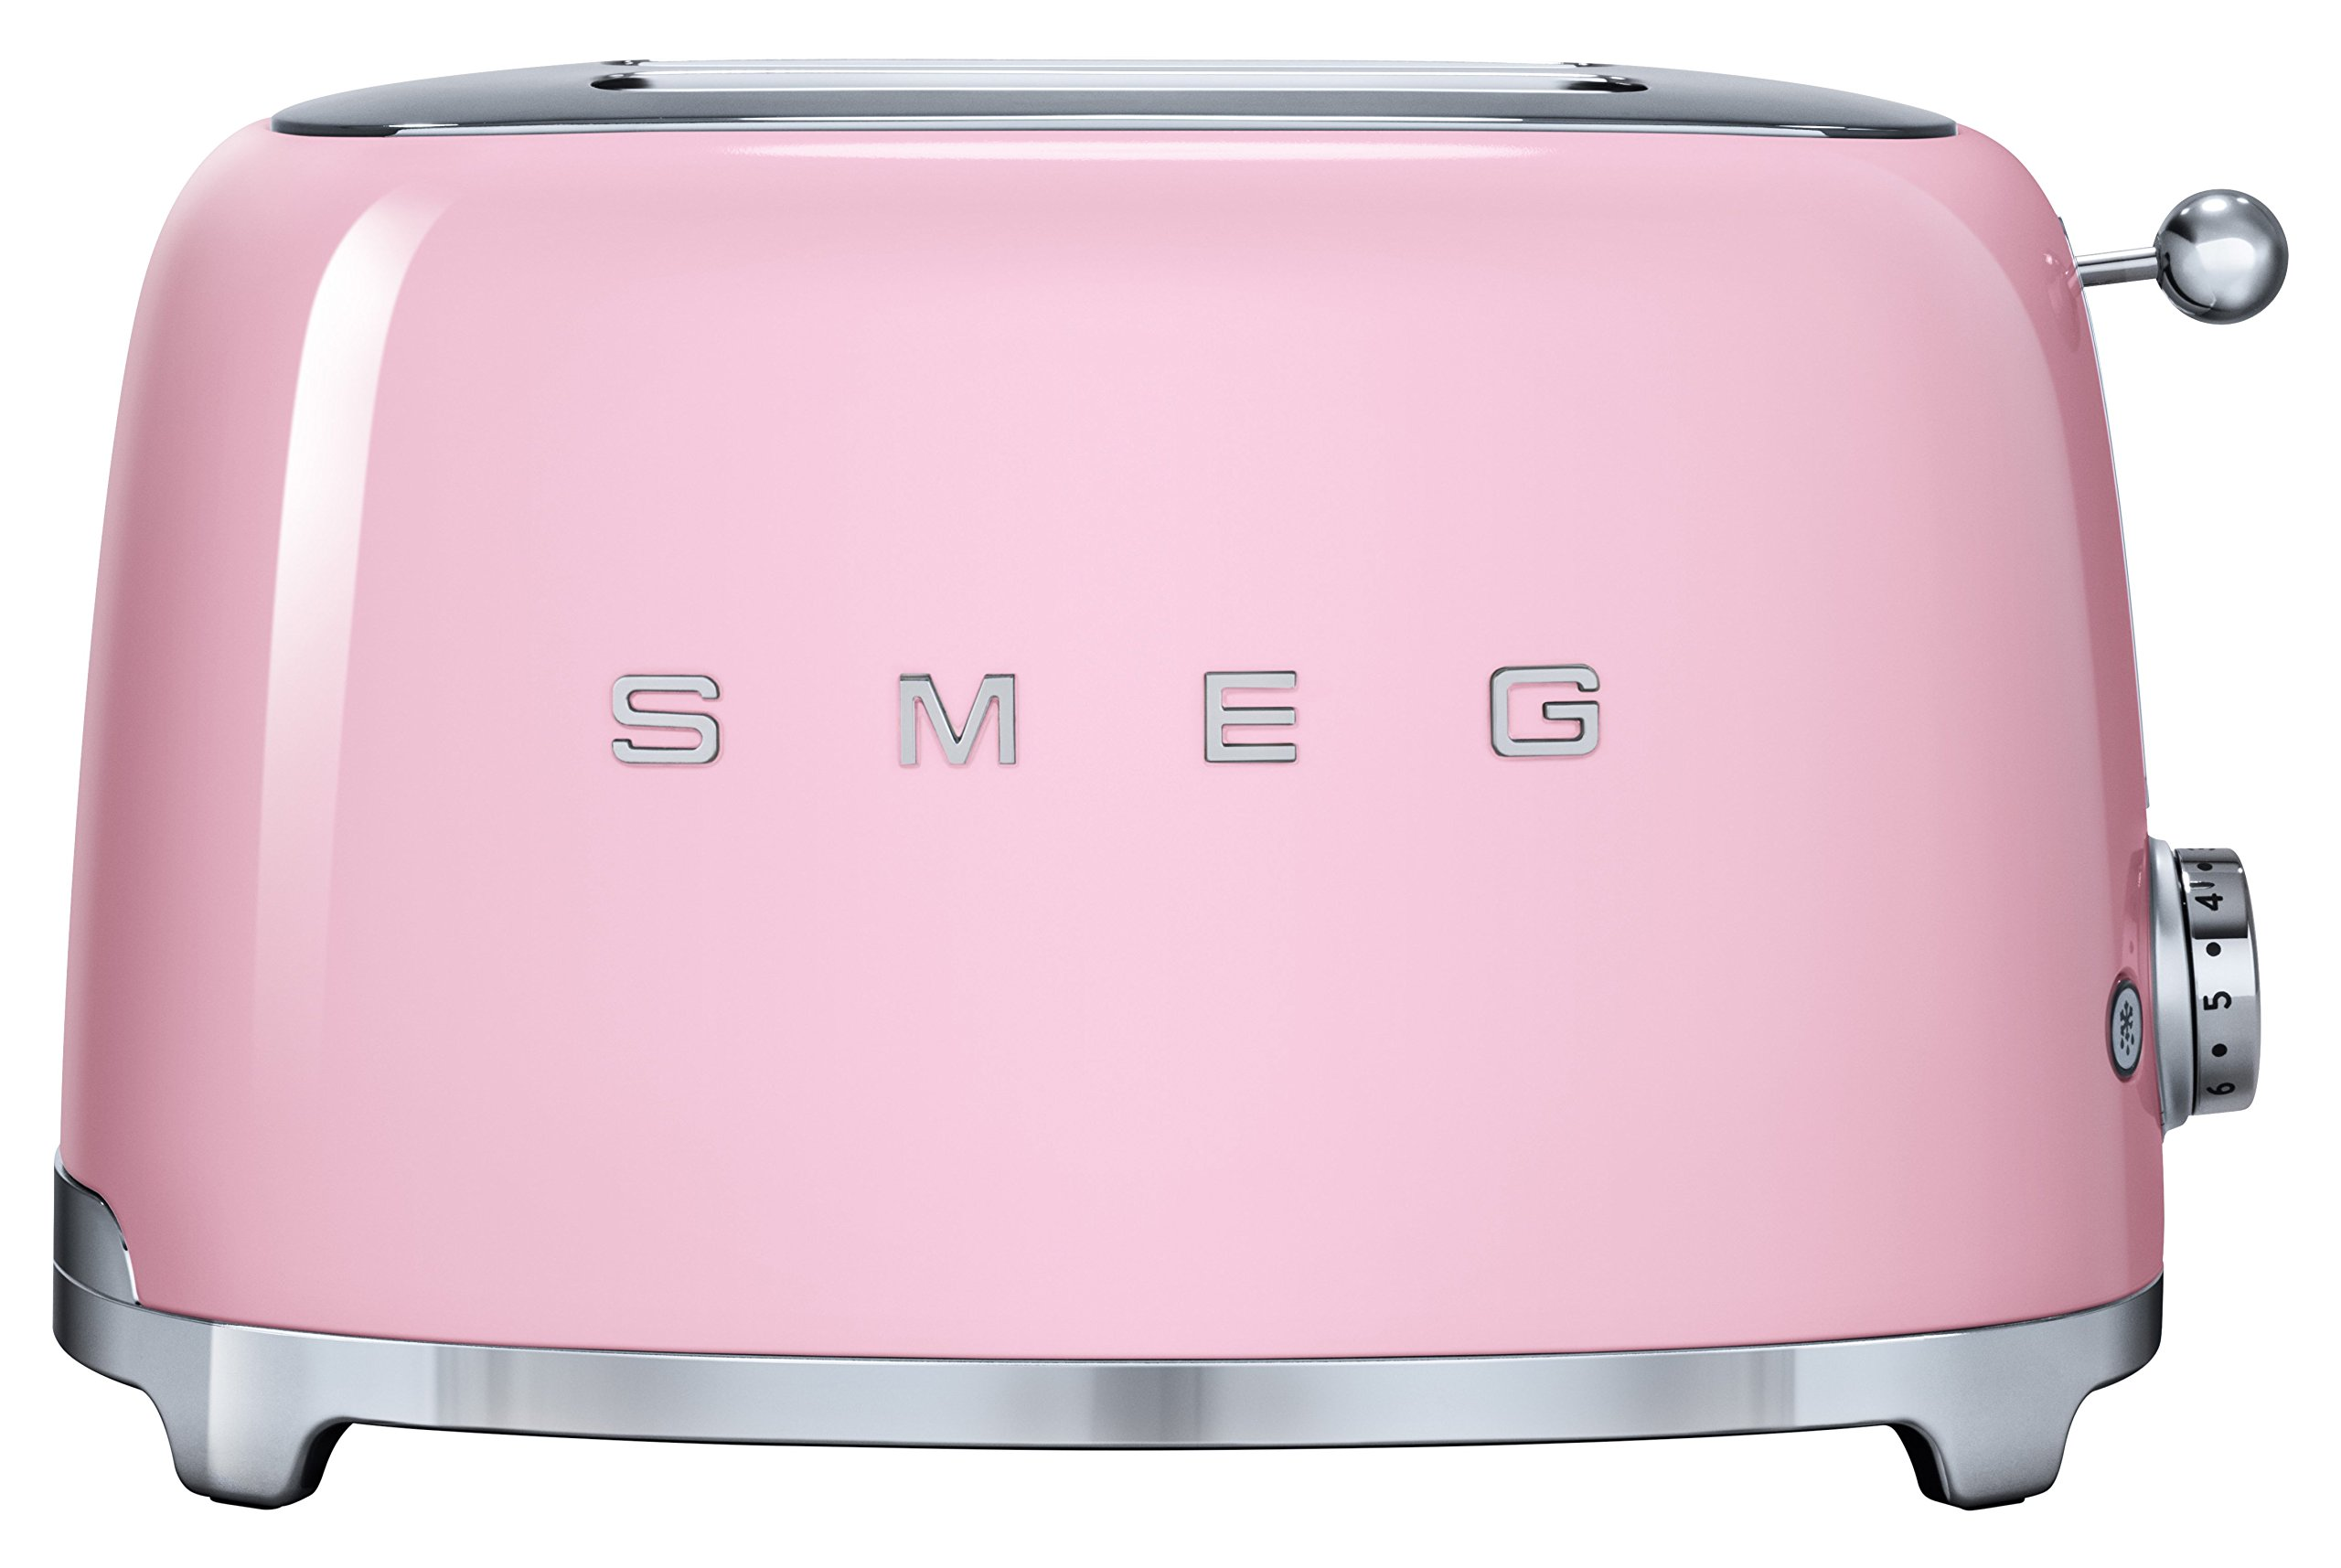 Smeg-TSF01PKEU-Toaster-2-Scheiben-cadillacpink